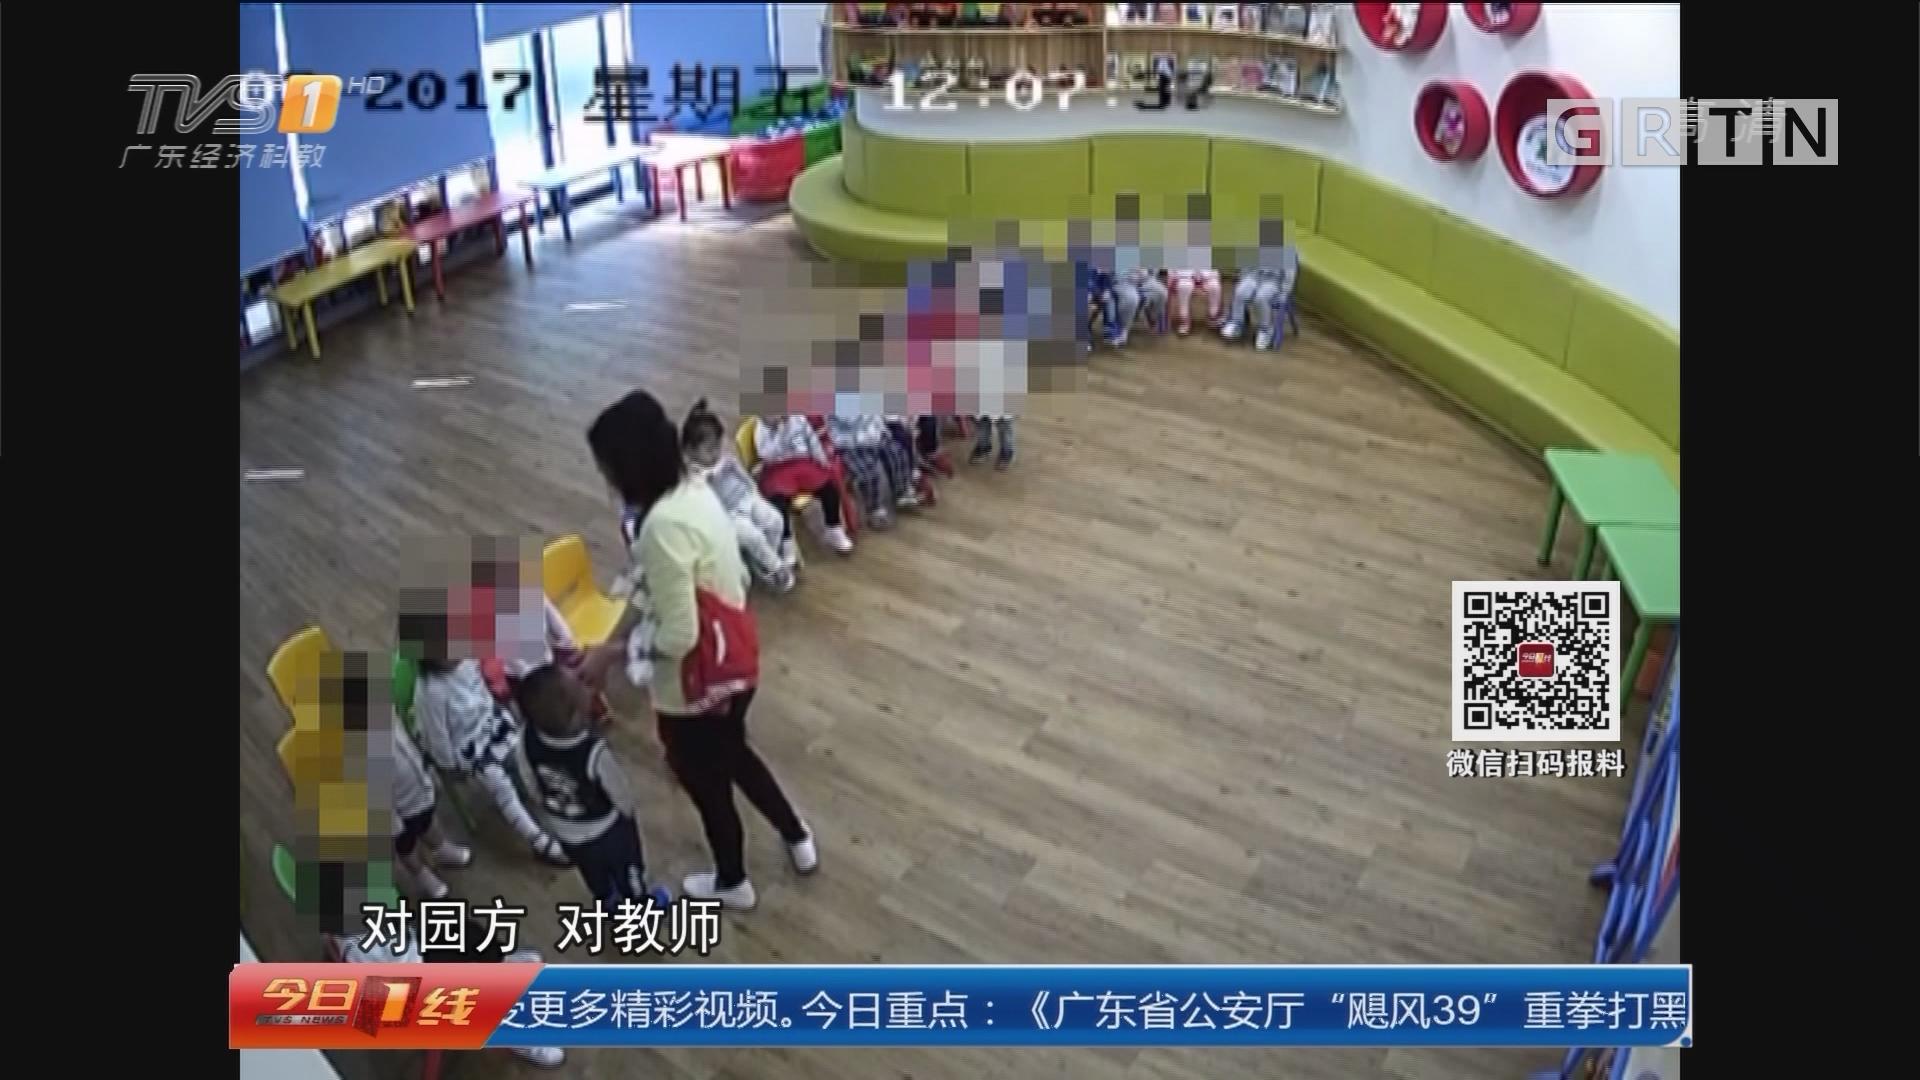 携程亲子园伤童事件新进展:教职工涉嫌打孩子喂芥末 3人被刑拘